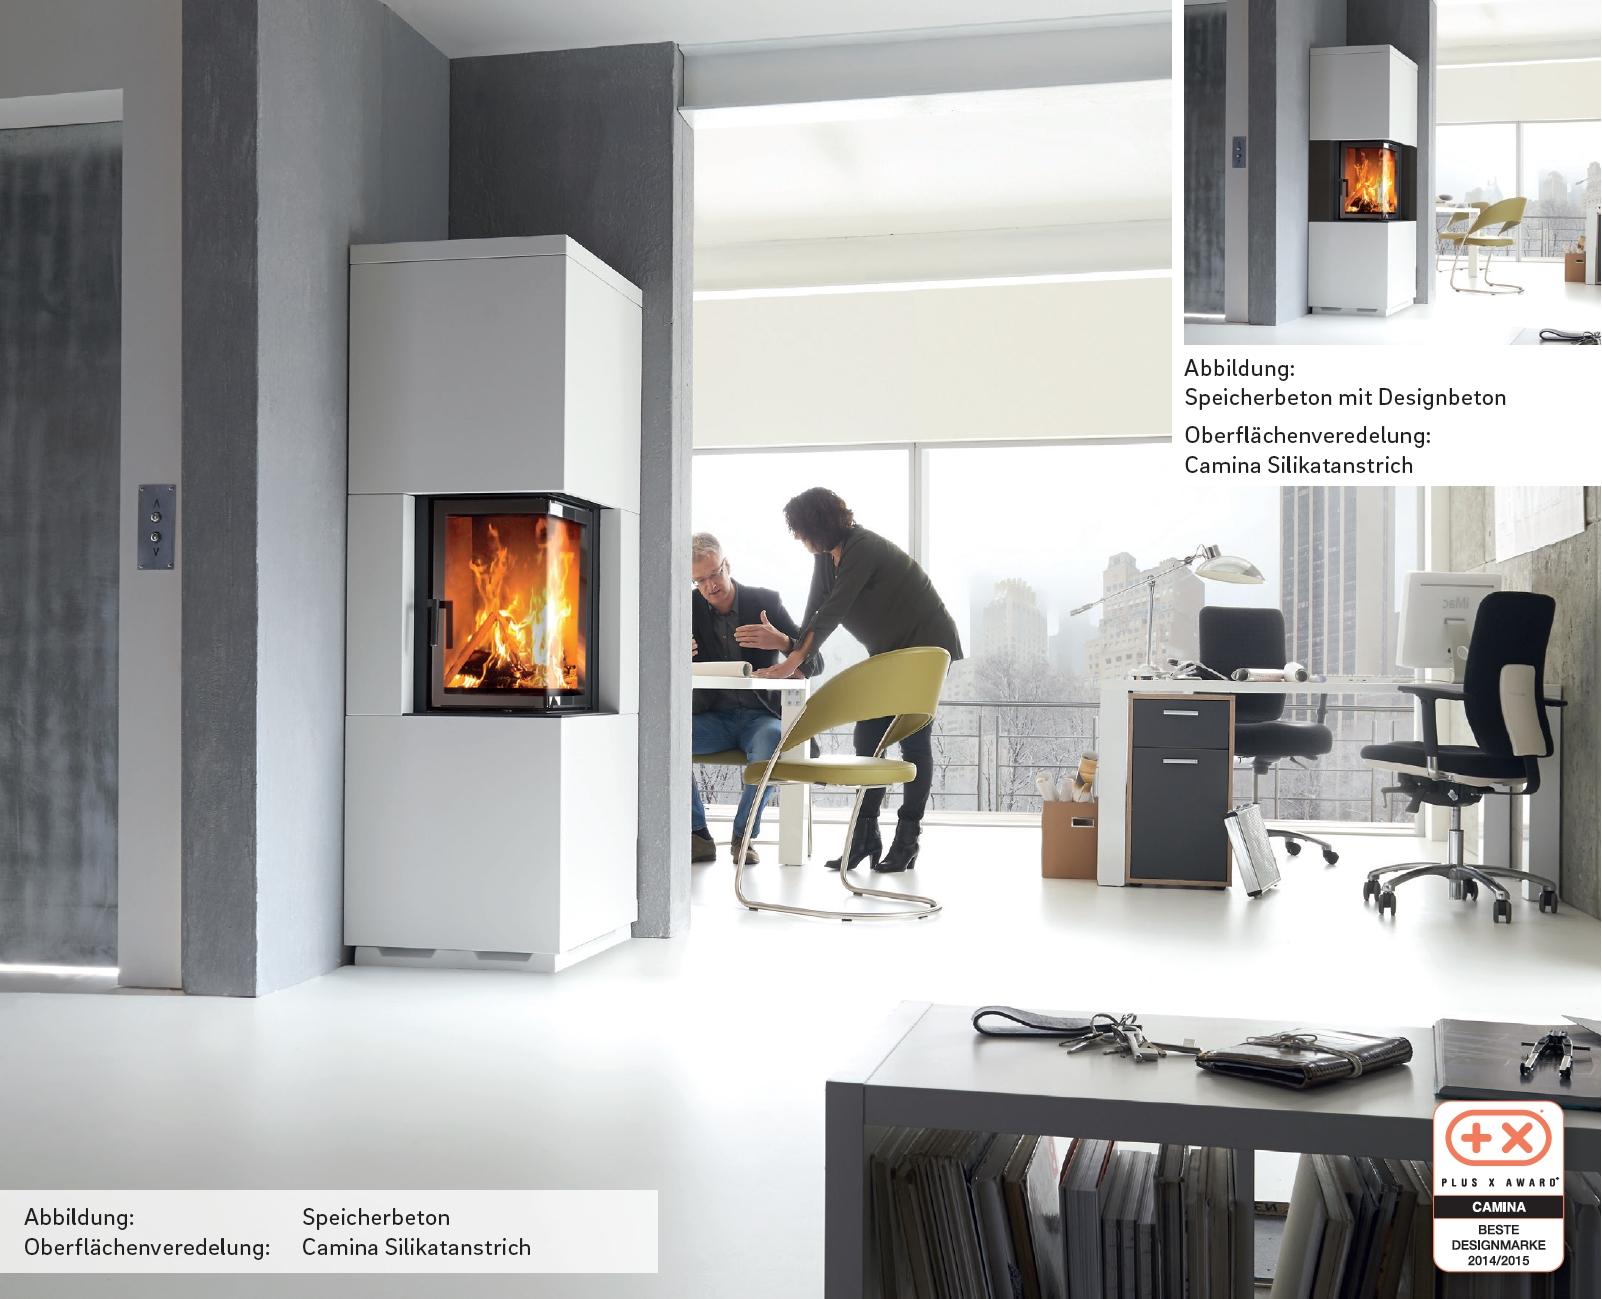 camina s3 eckkamin der bausatz ganz gro hotline 7 21. Black Bedroom Furniture Sets. Home Design Ideas